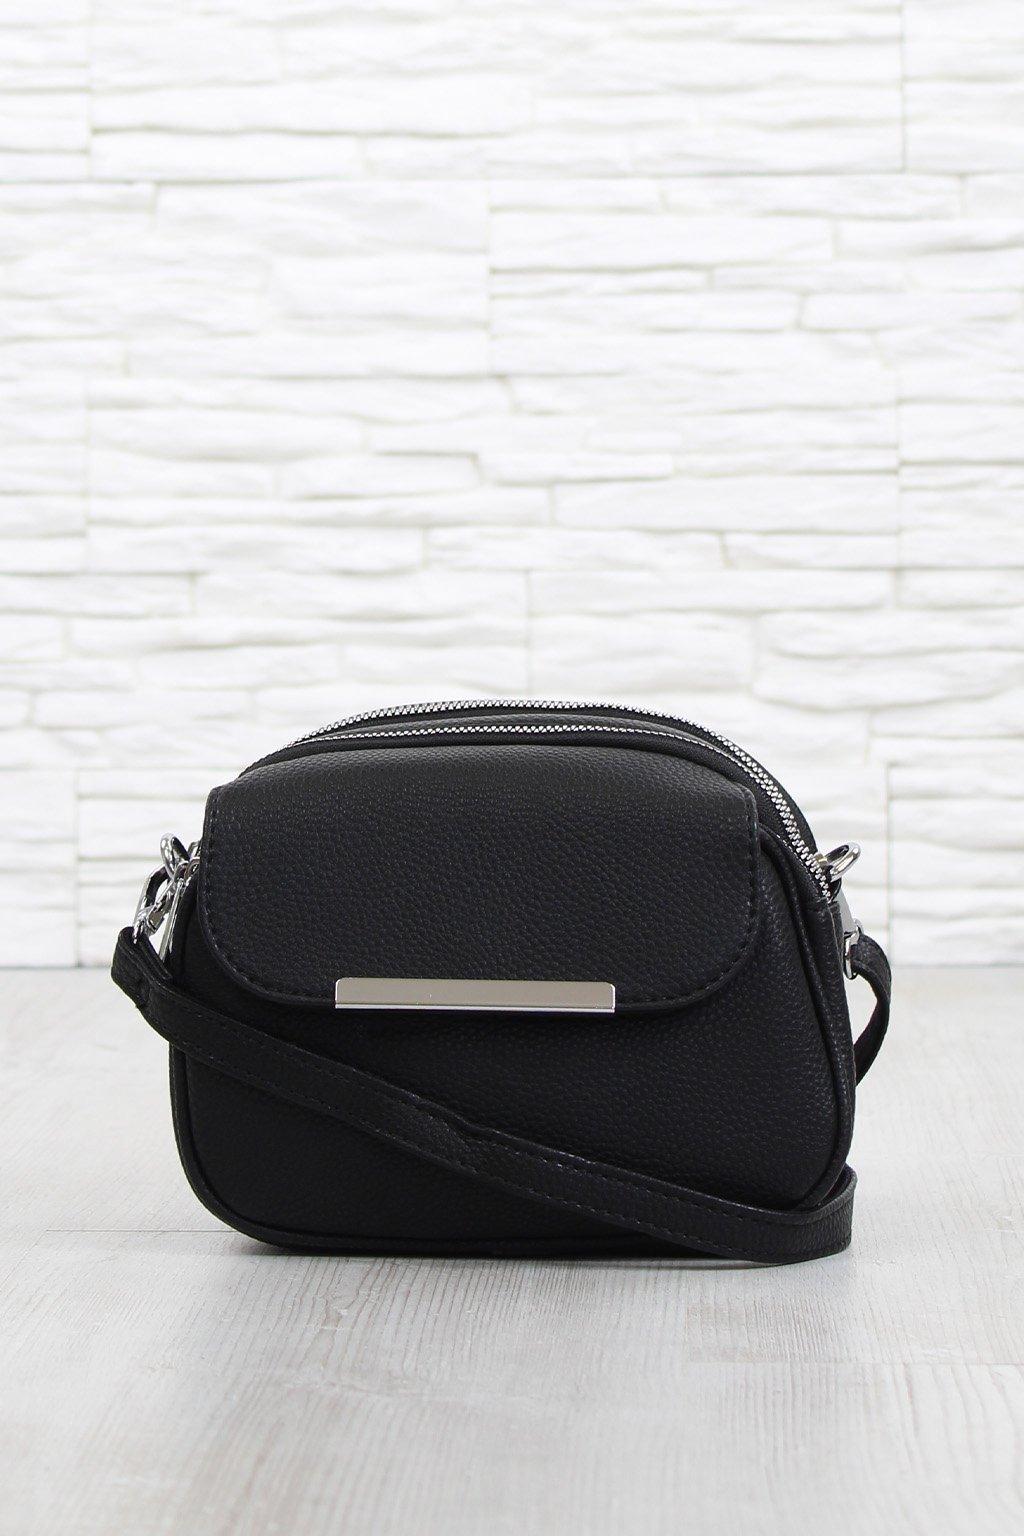 Malá černá kabelka 5485 BB (1)